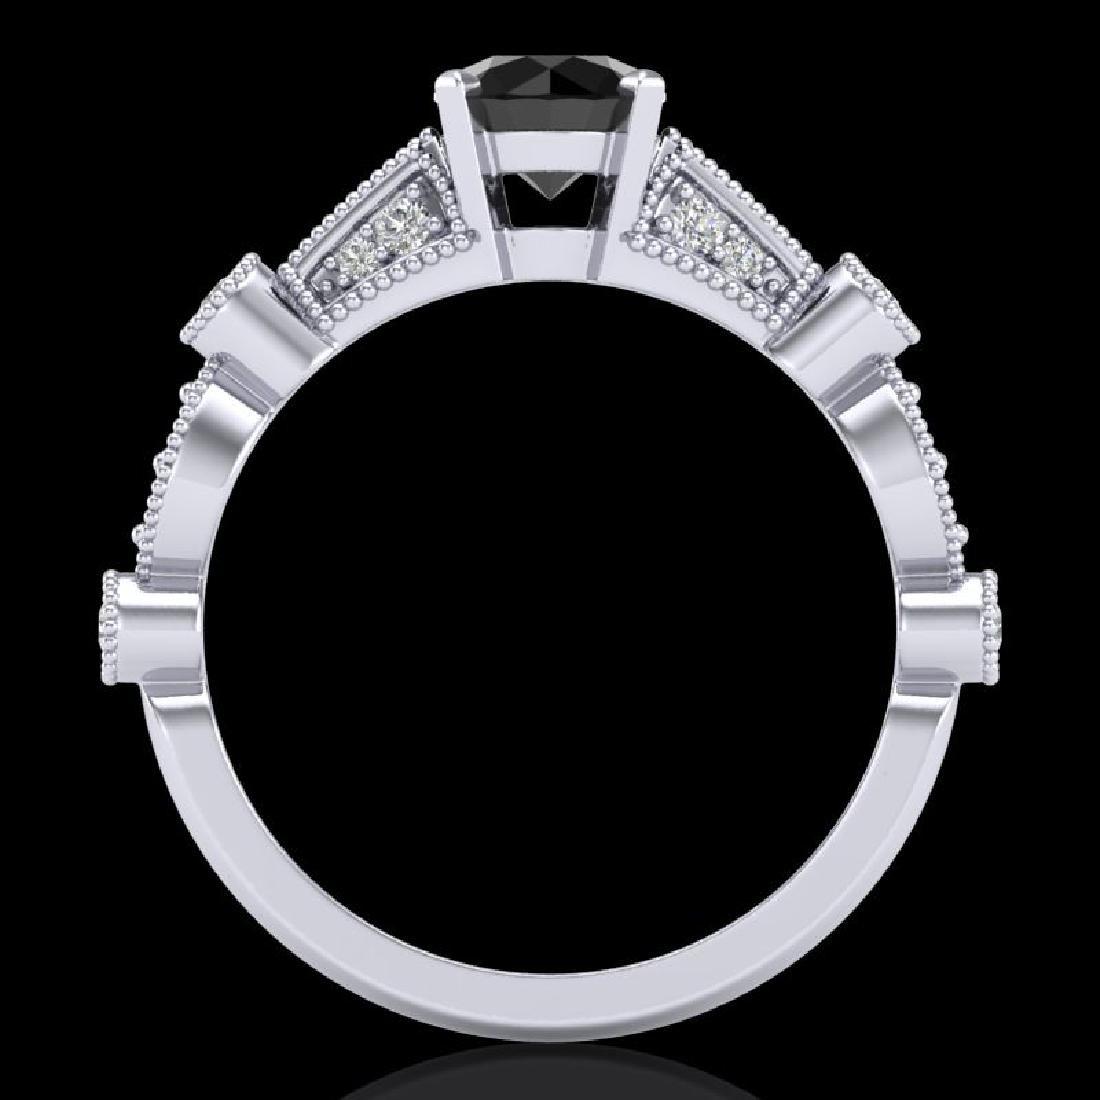 1.03 CTW Fancy Black Diamond Solitaire Engagement Art - 3